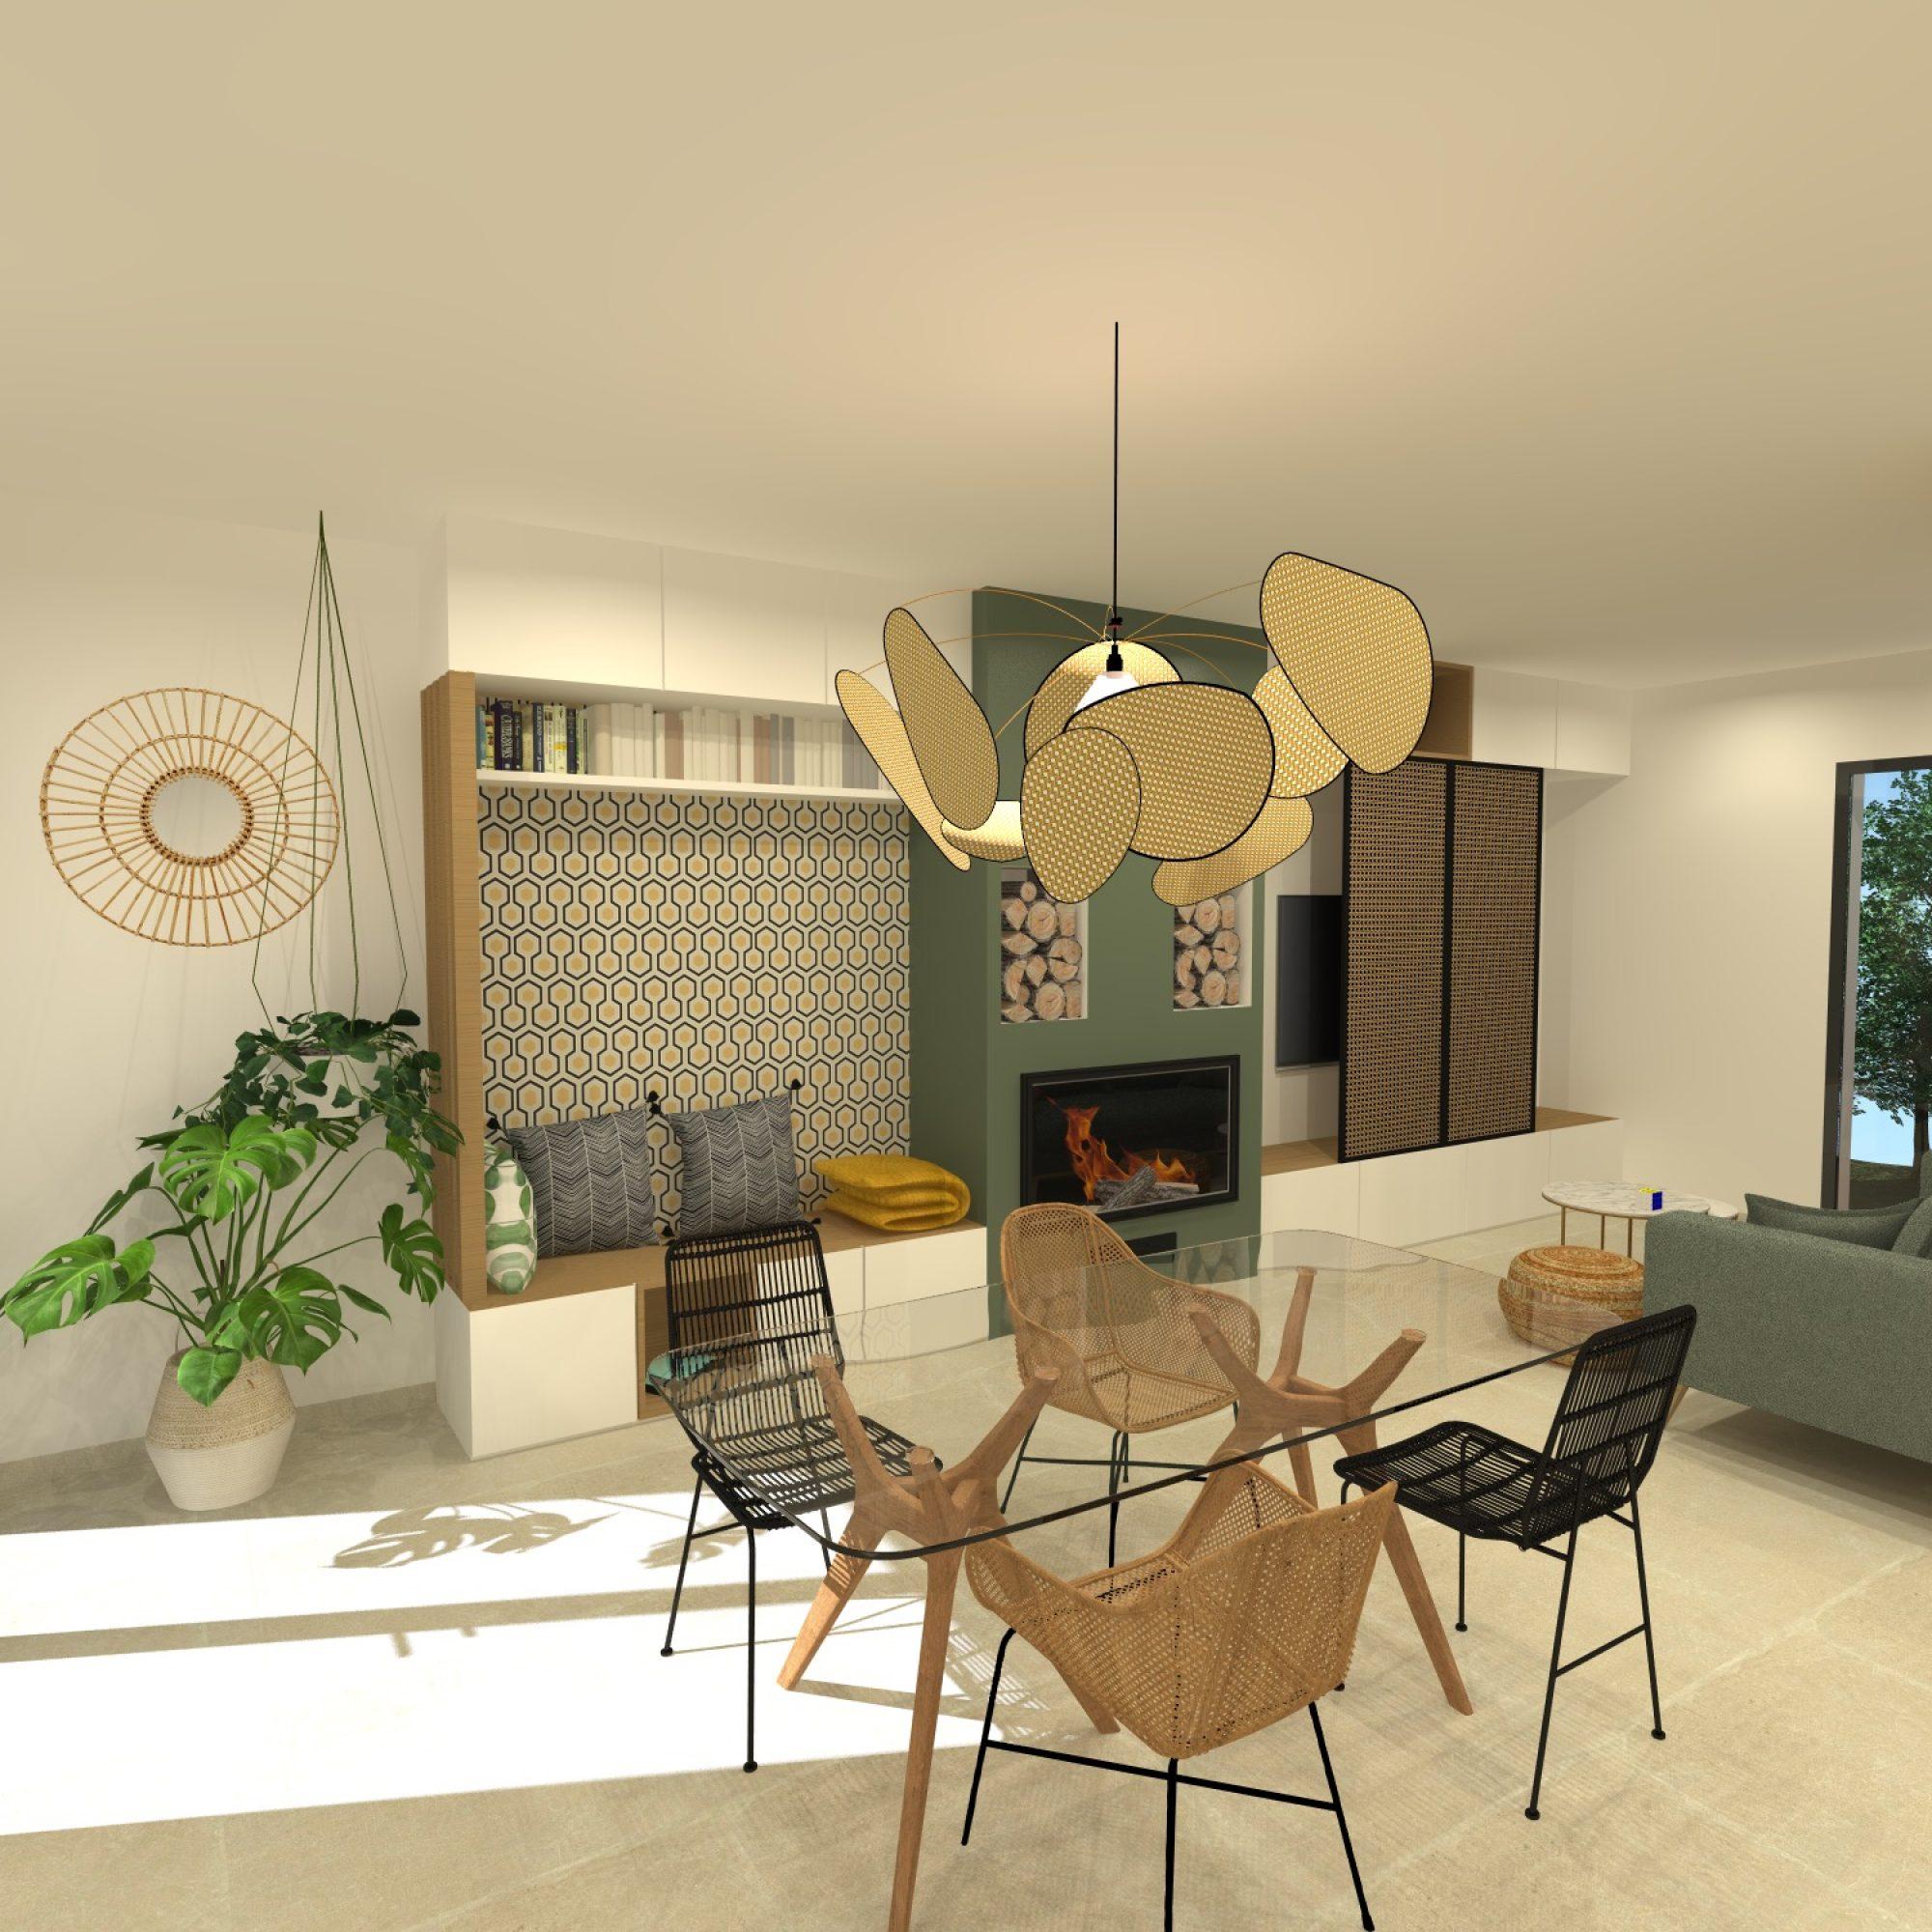 renovation-travaux-architecte-mauguio-decoratateur-architectedinterieur-montpellier-cuisine-amenagement-ilot-chene-ameublement-surmesure-billard-herault-miele-travaux-construction-rochebobois-flos-veneta-osier-laredoute-maison-appartement